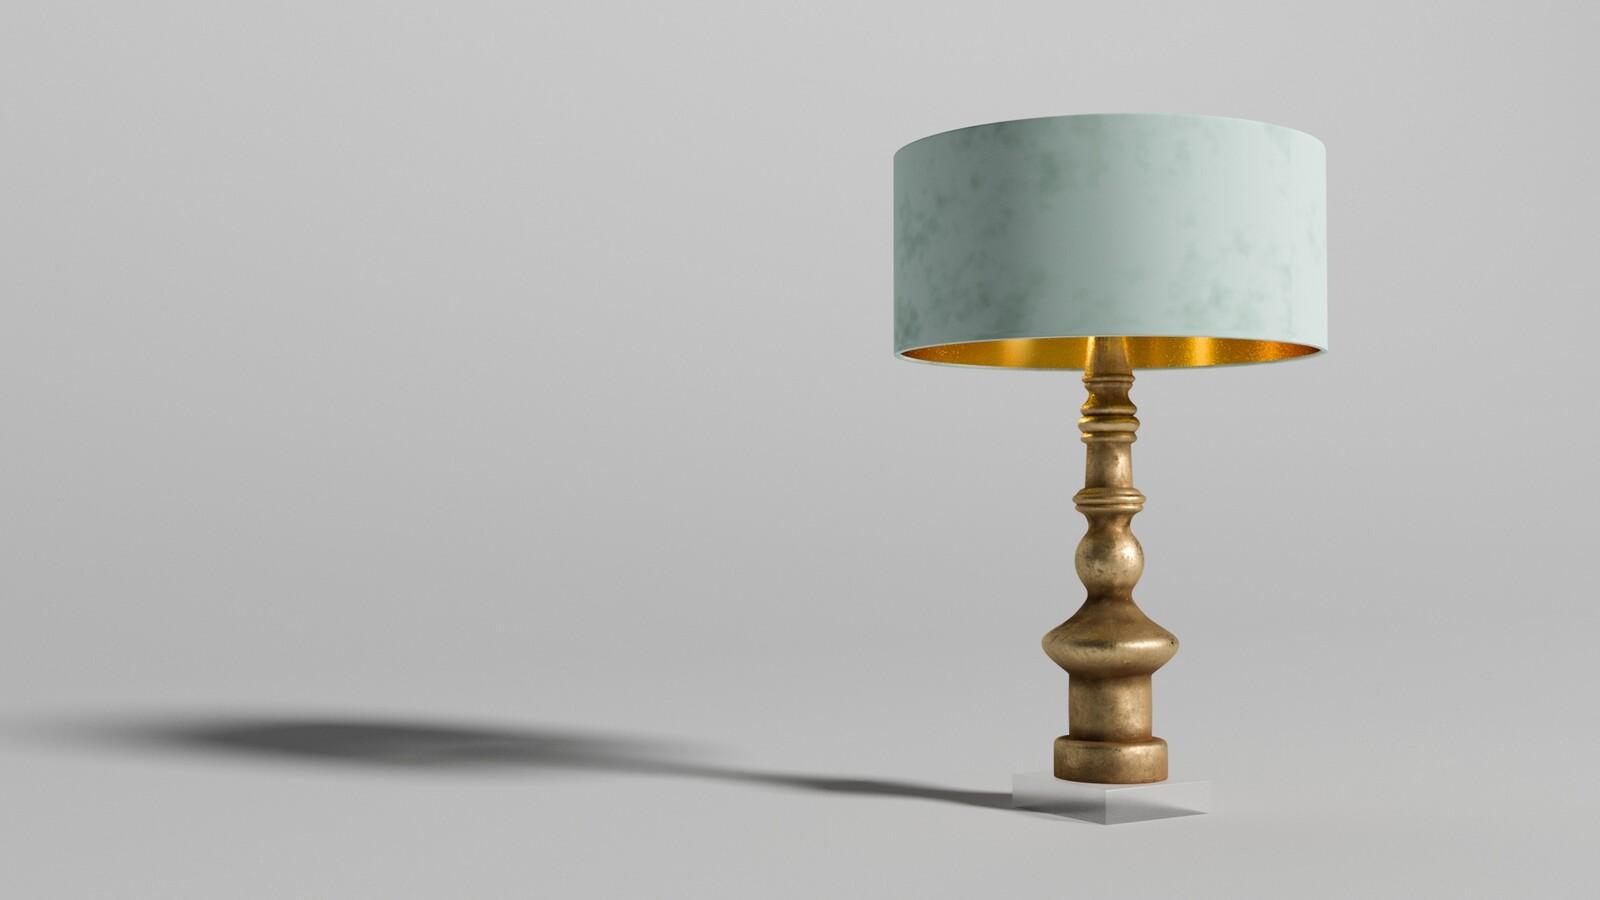 Golden Turned Wooden Lamp